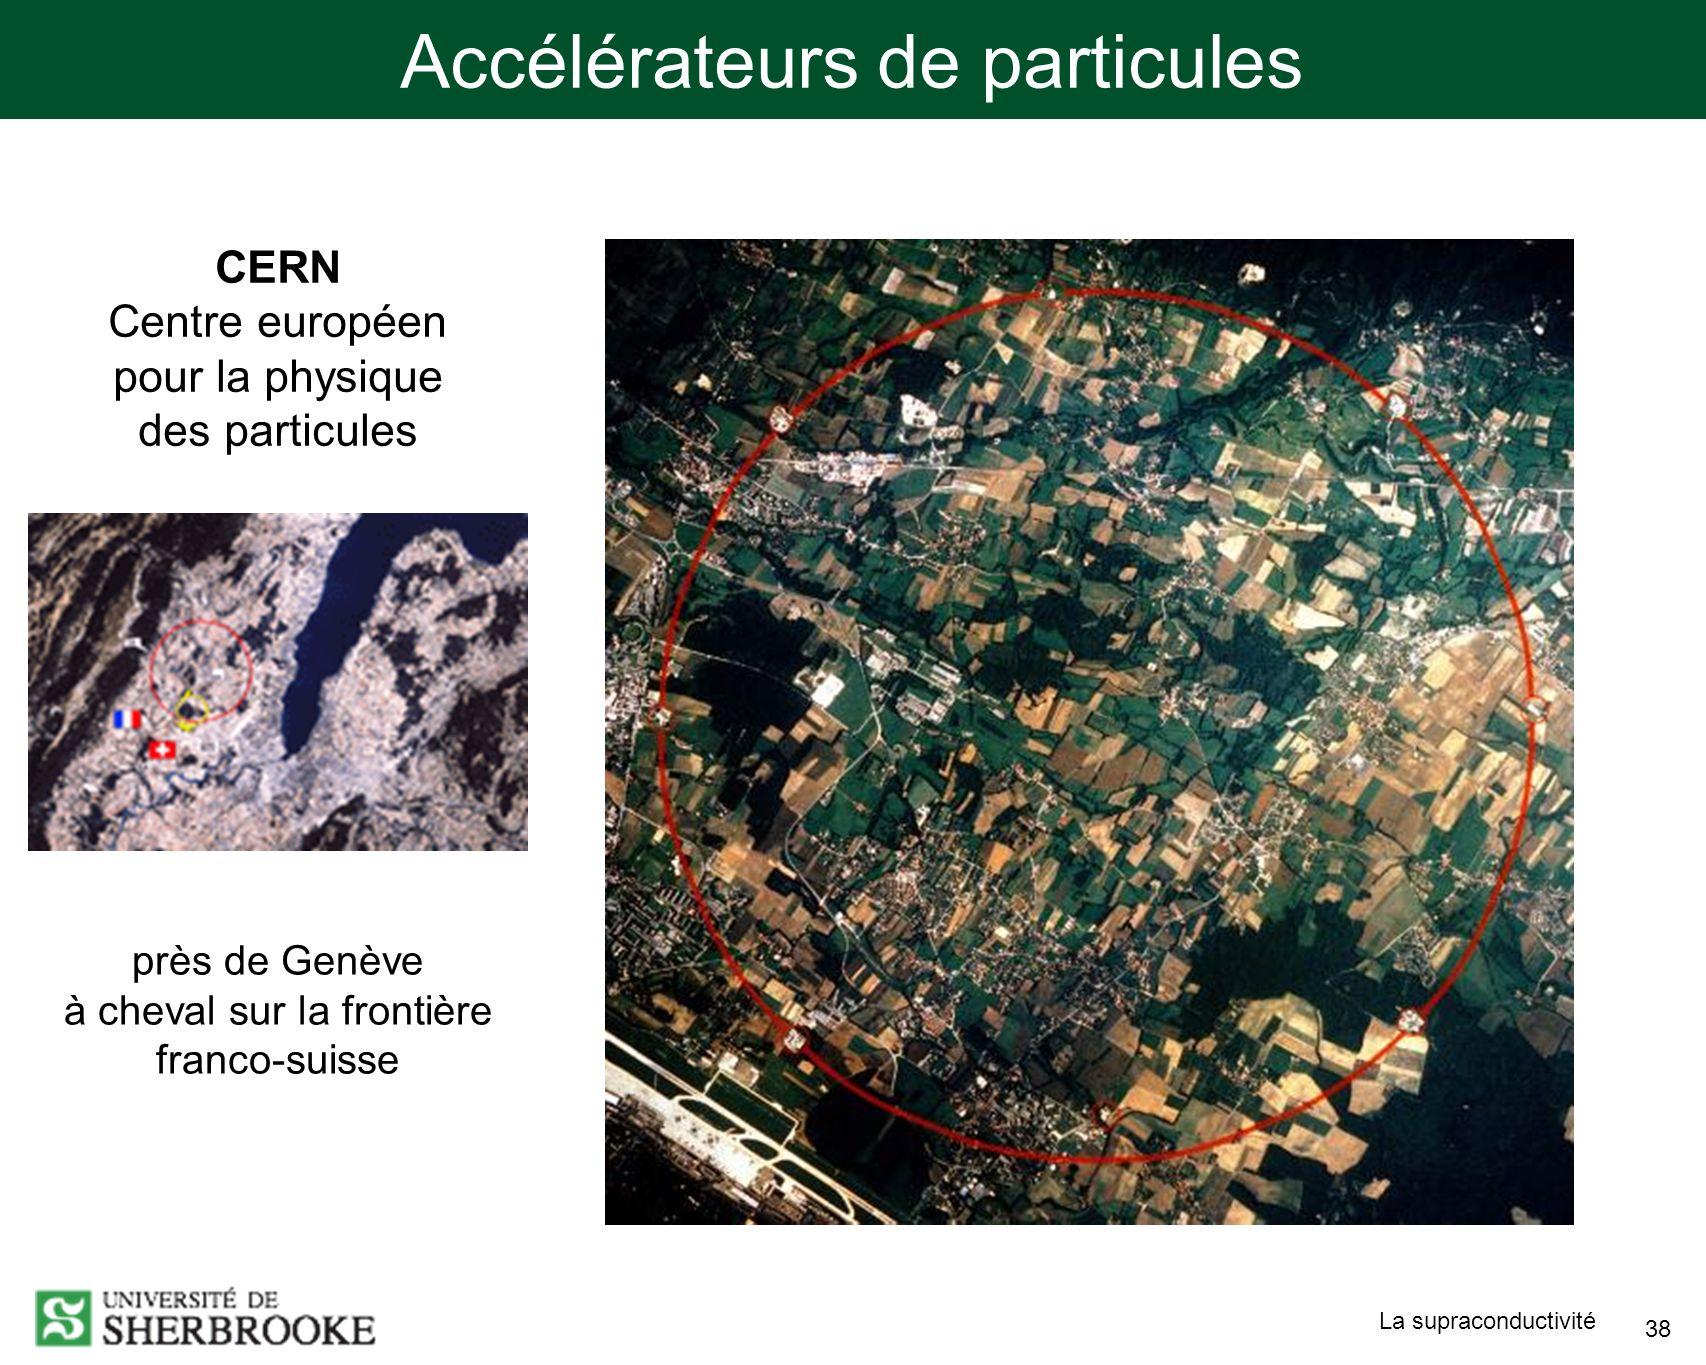 La supraconductivité 38 près de Genève à cheval sur la frontière franco-suisse CERN Centre européen pour la physique des particules Accélérateurs de particules